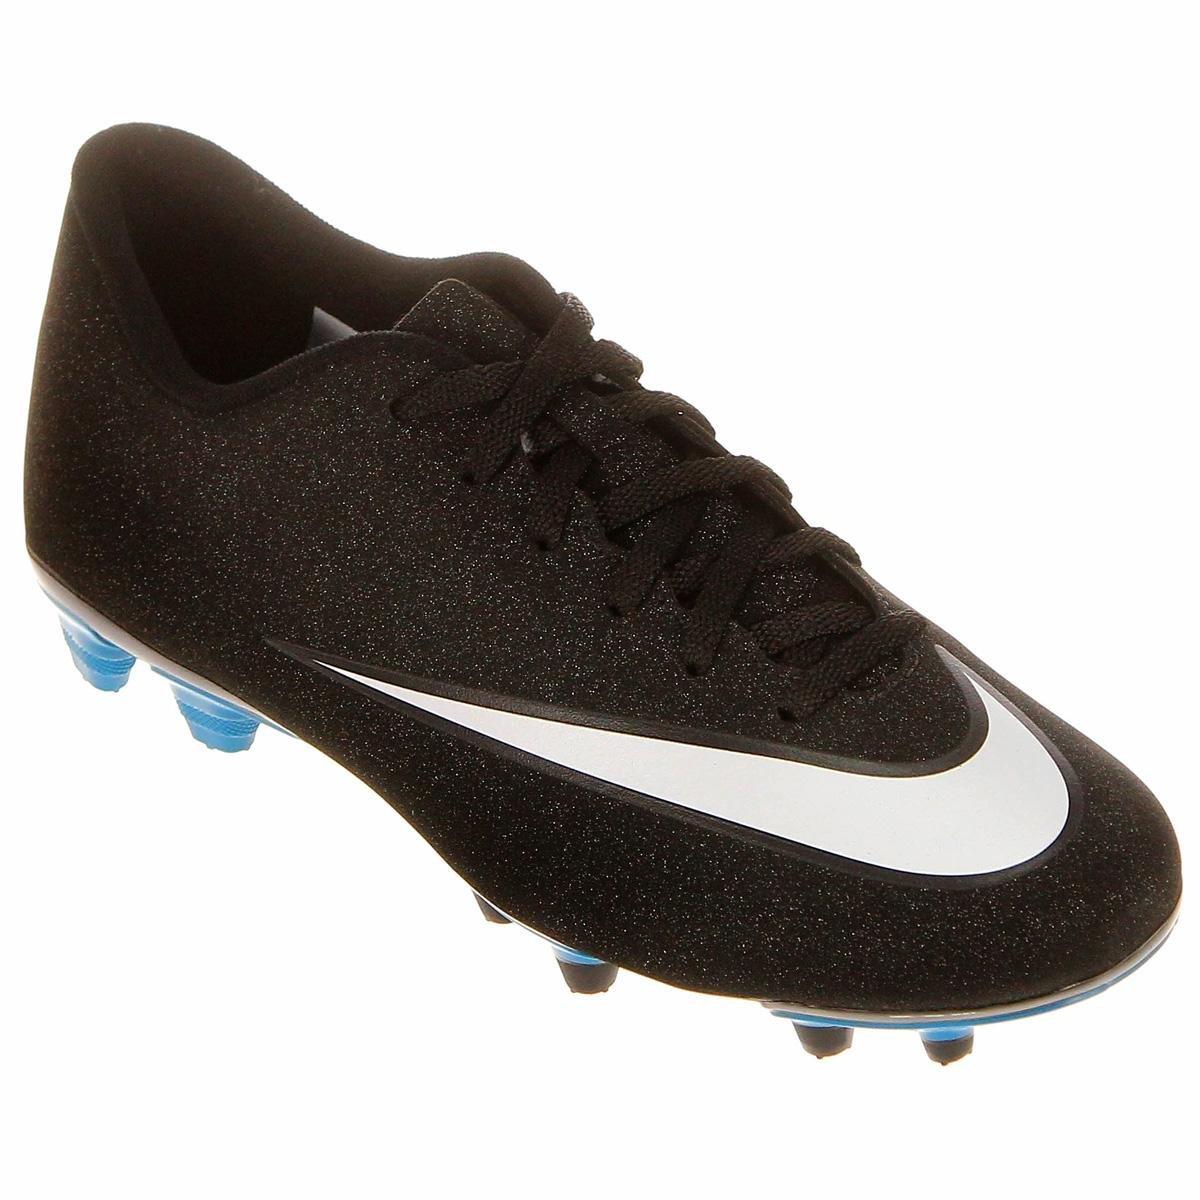 c43dce5198 Chuteira Nike Mercurial Vortex 2 CR7 FG - Compre Agora